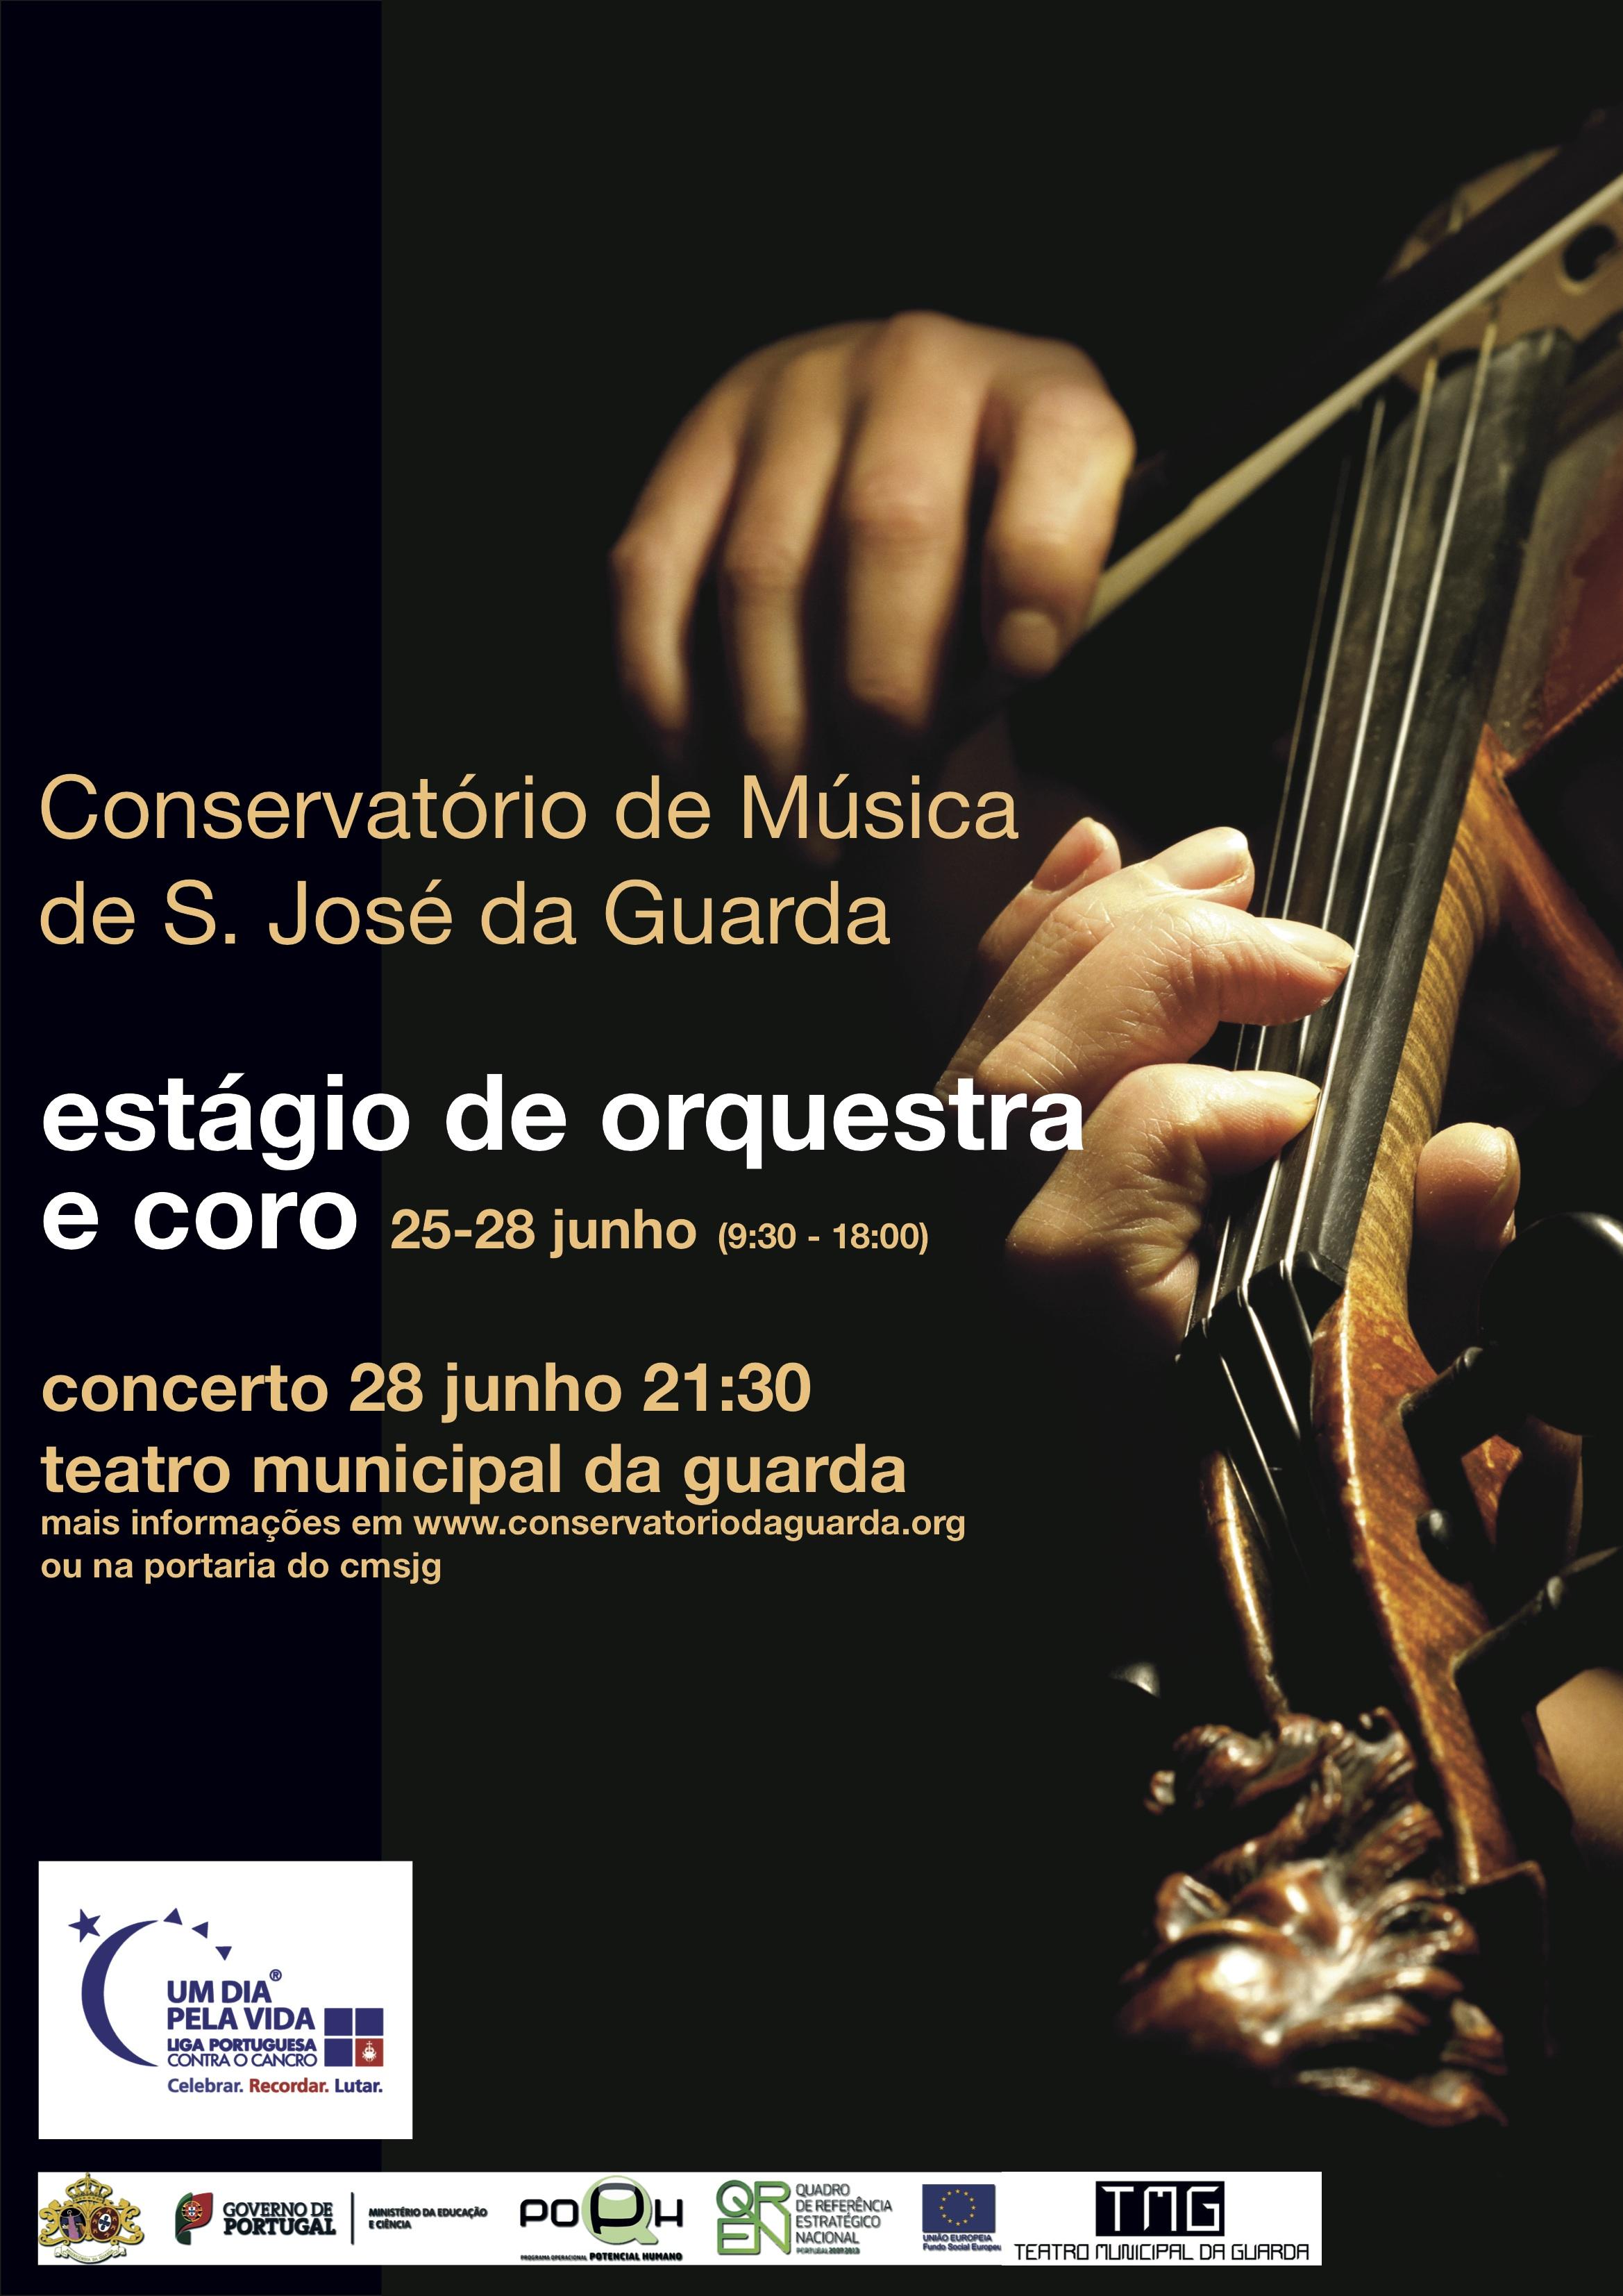 Estágio de Orquestra (Junho 2012)